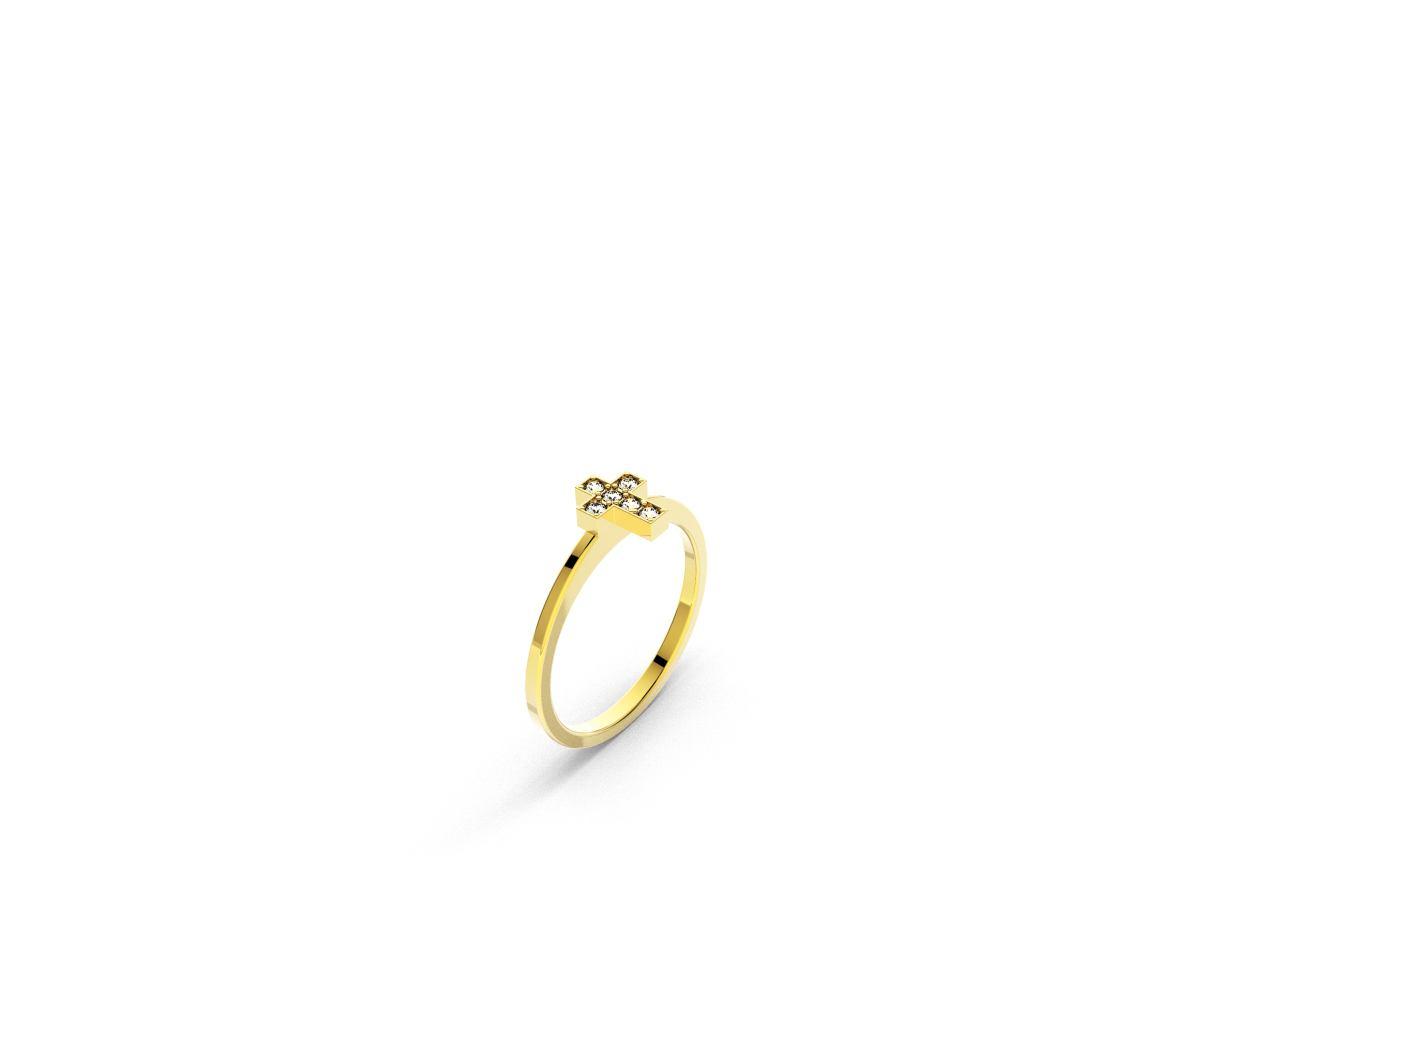 Zlatni prsten, red.cijena 630kn, sada 409,50kn - ZAKS